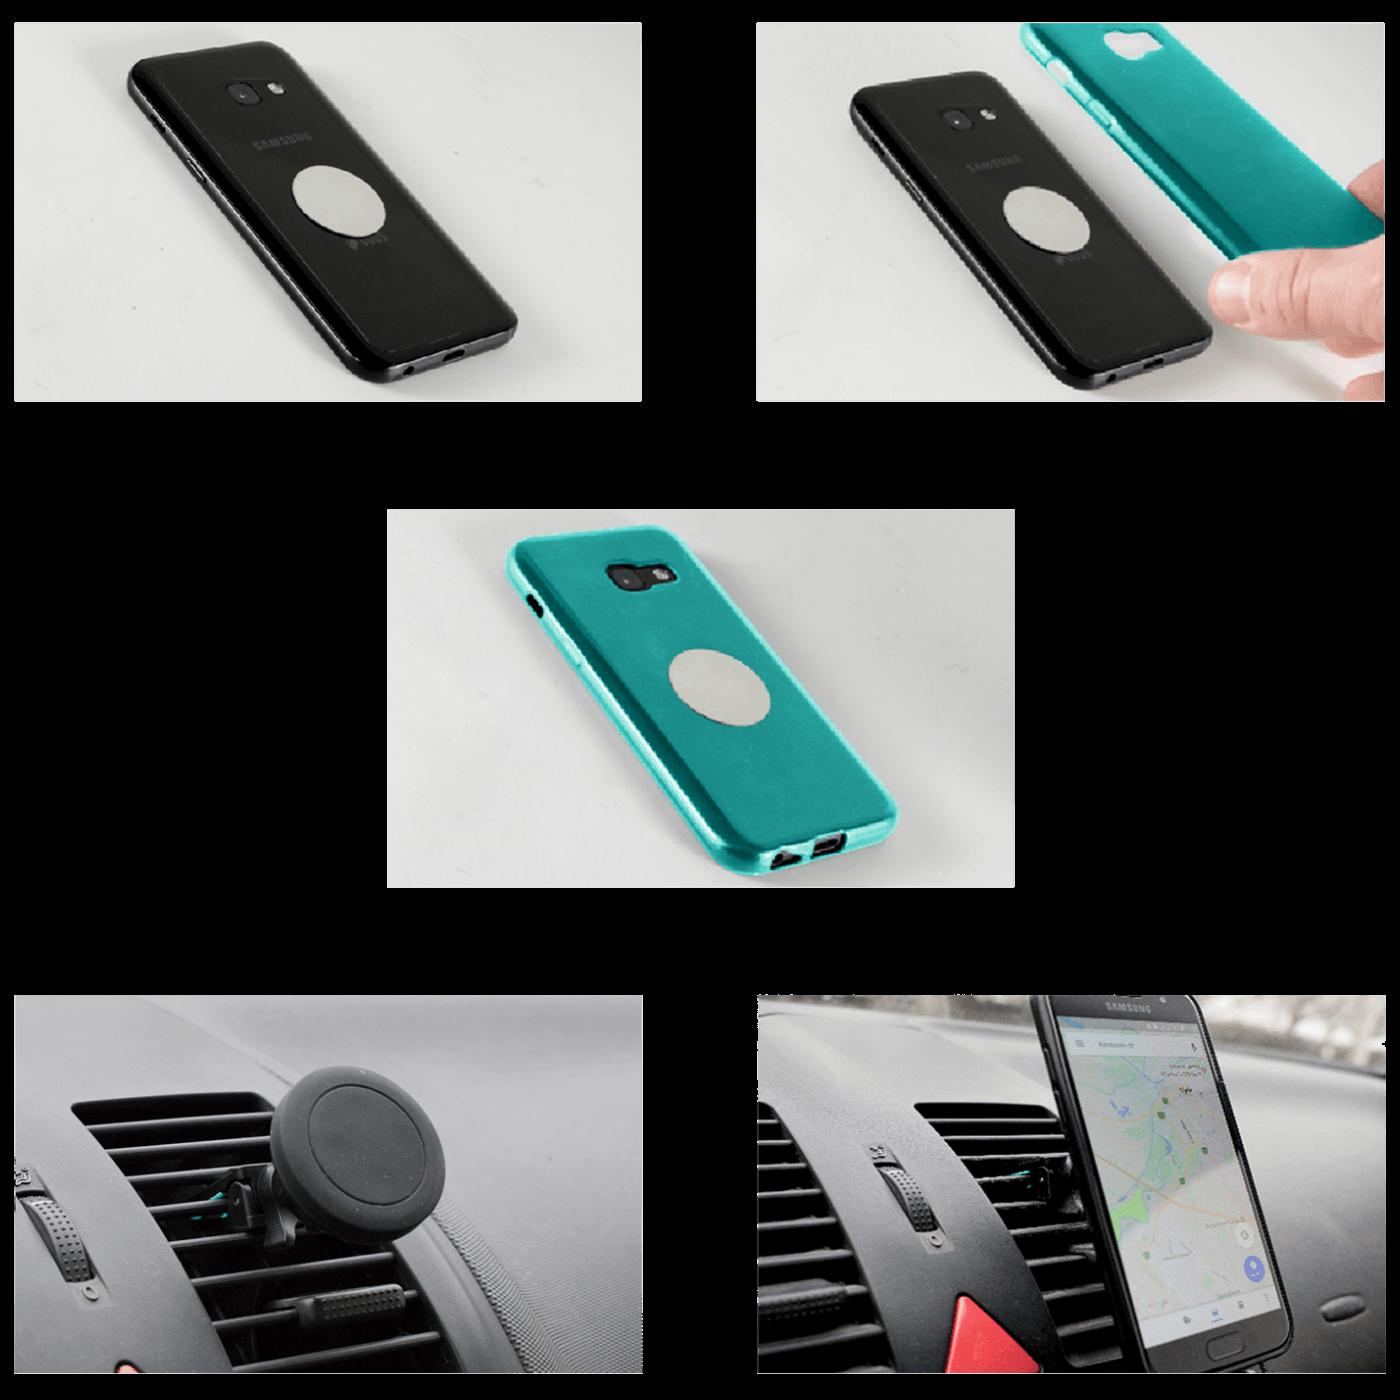 Držač za mobilne uređaje, magnetni